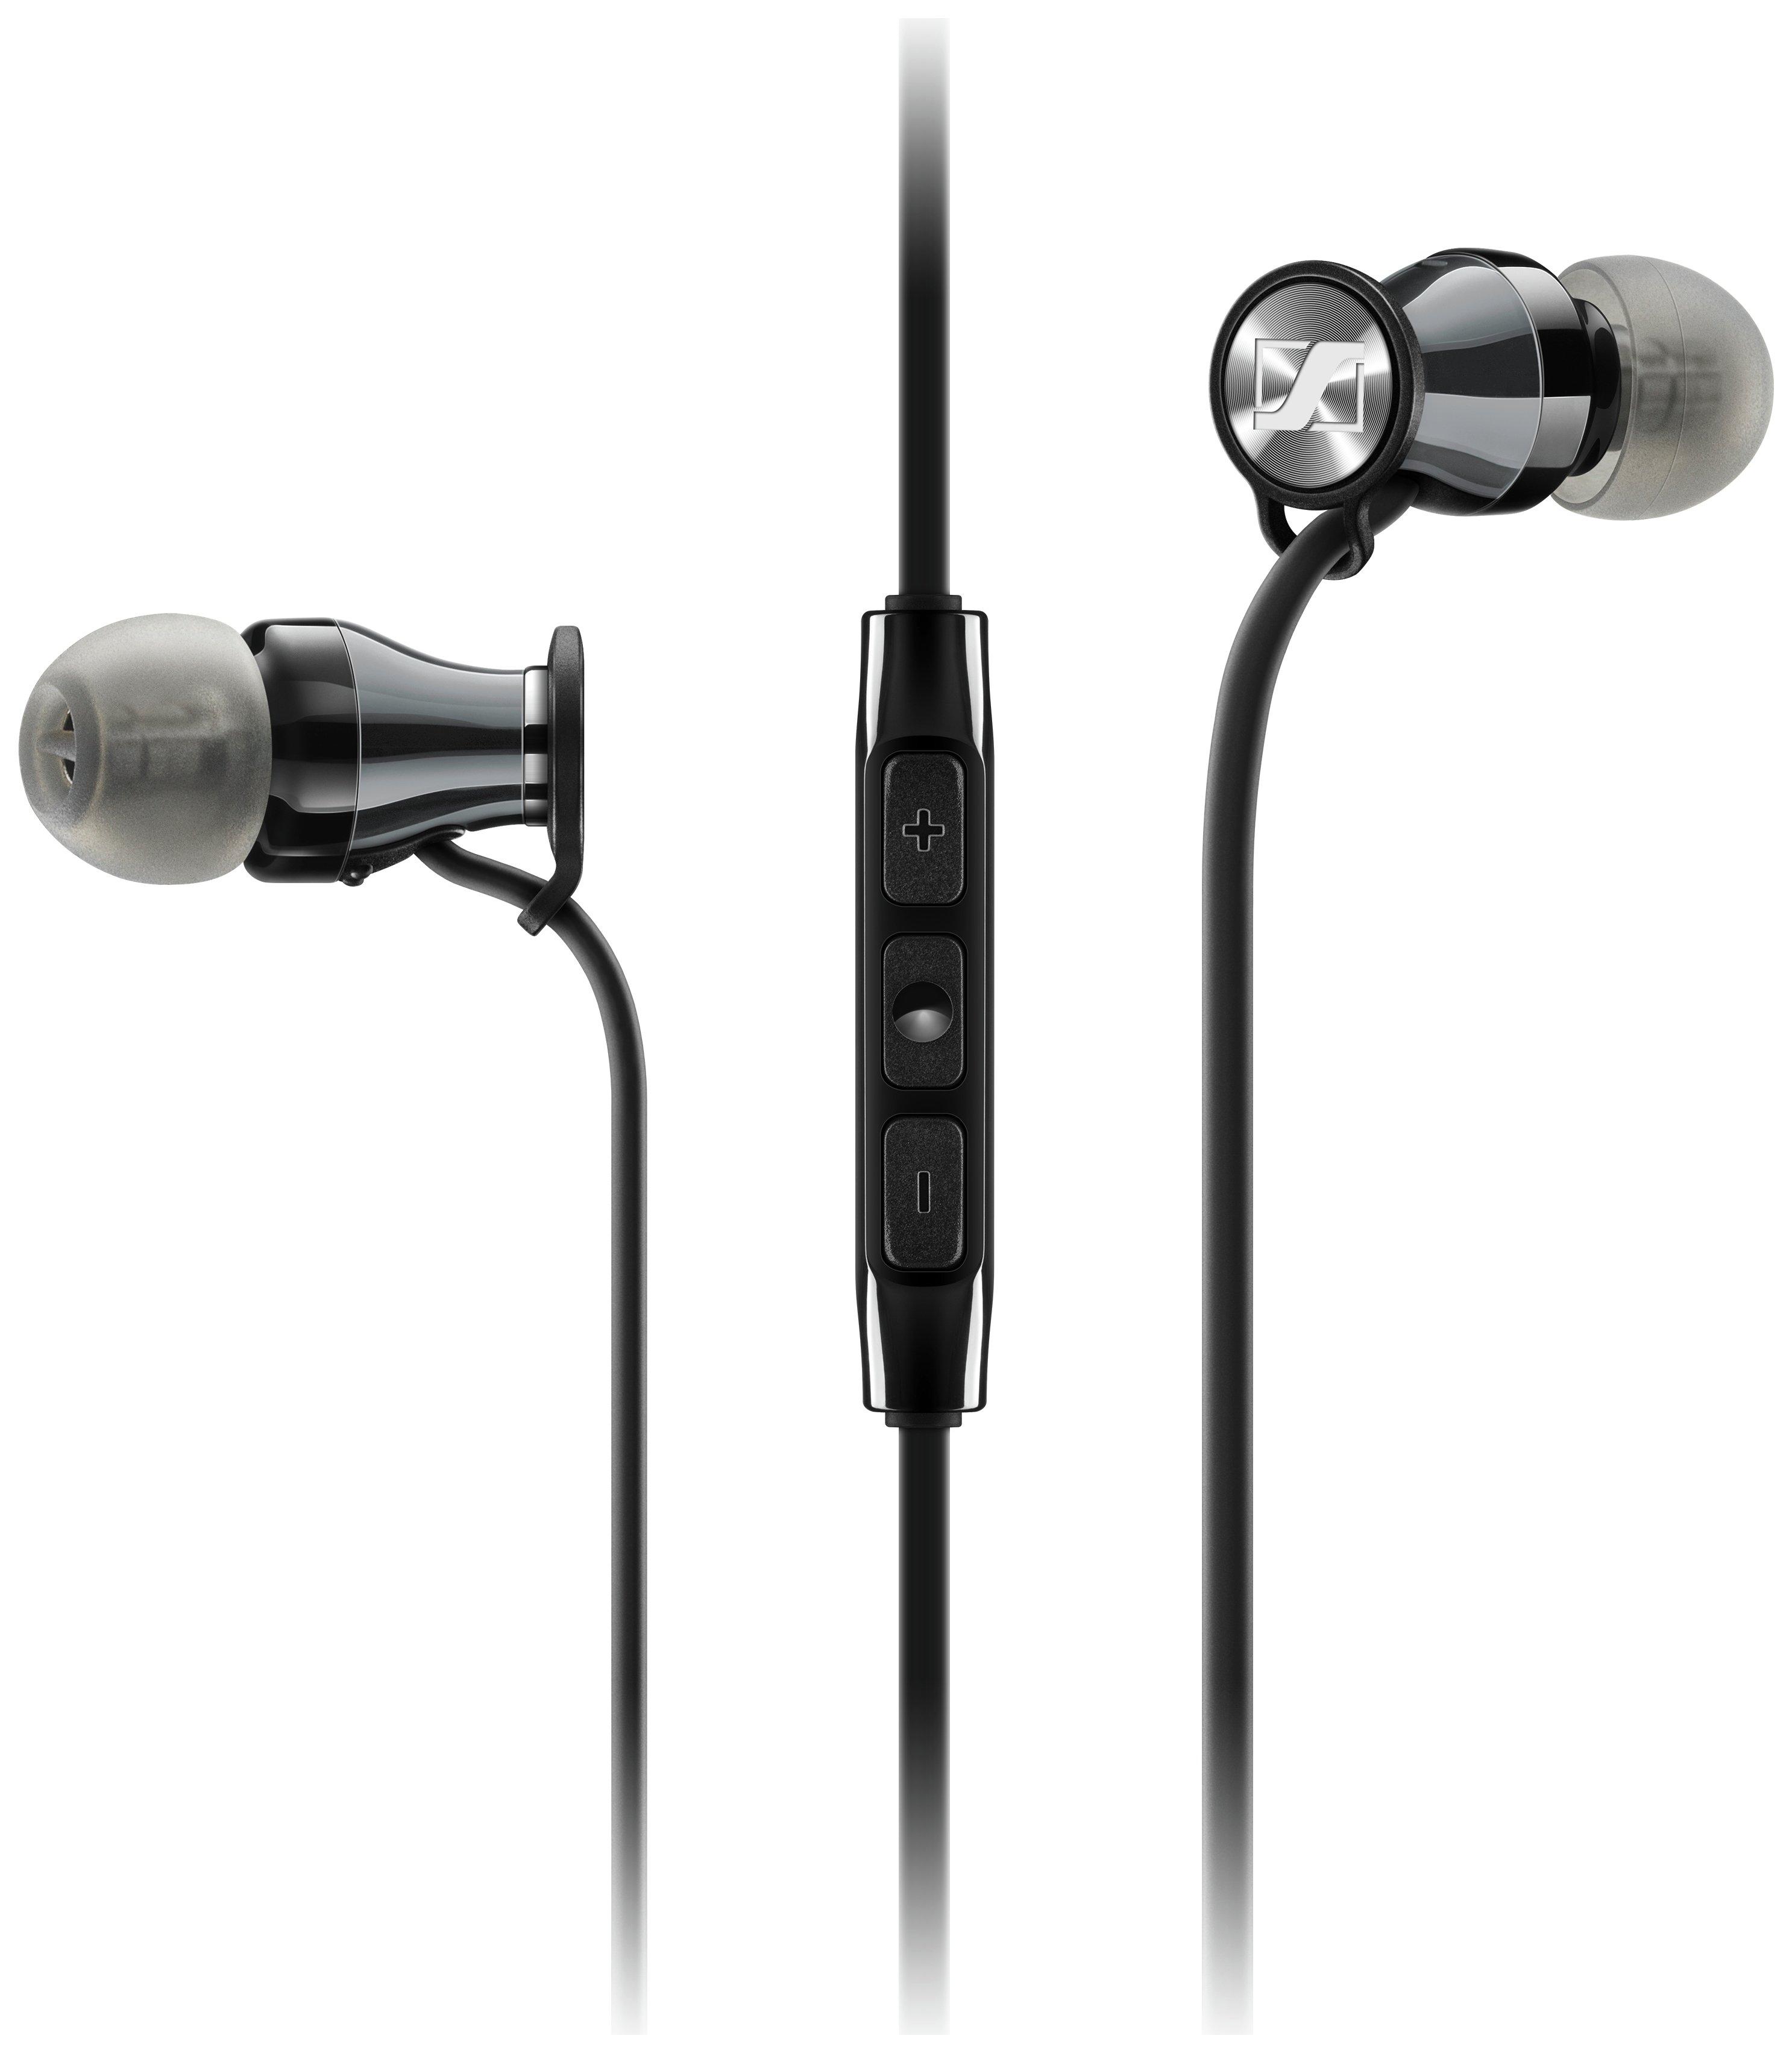 Sennheiser - Momentum M2 for Android In Ear Headphones - Black